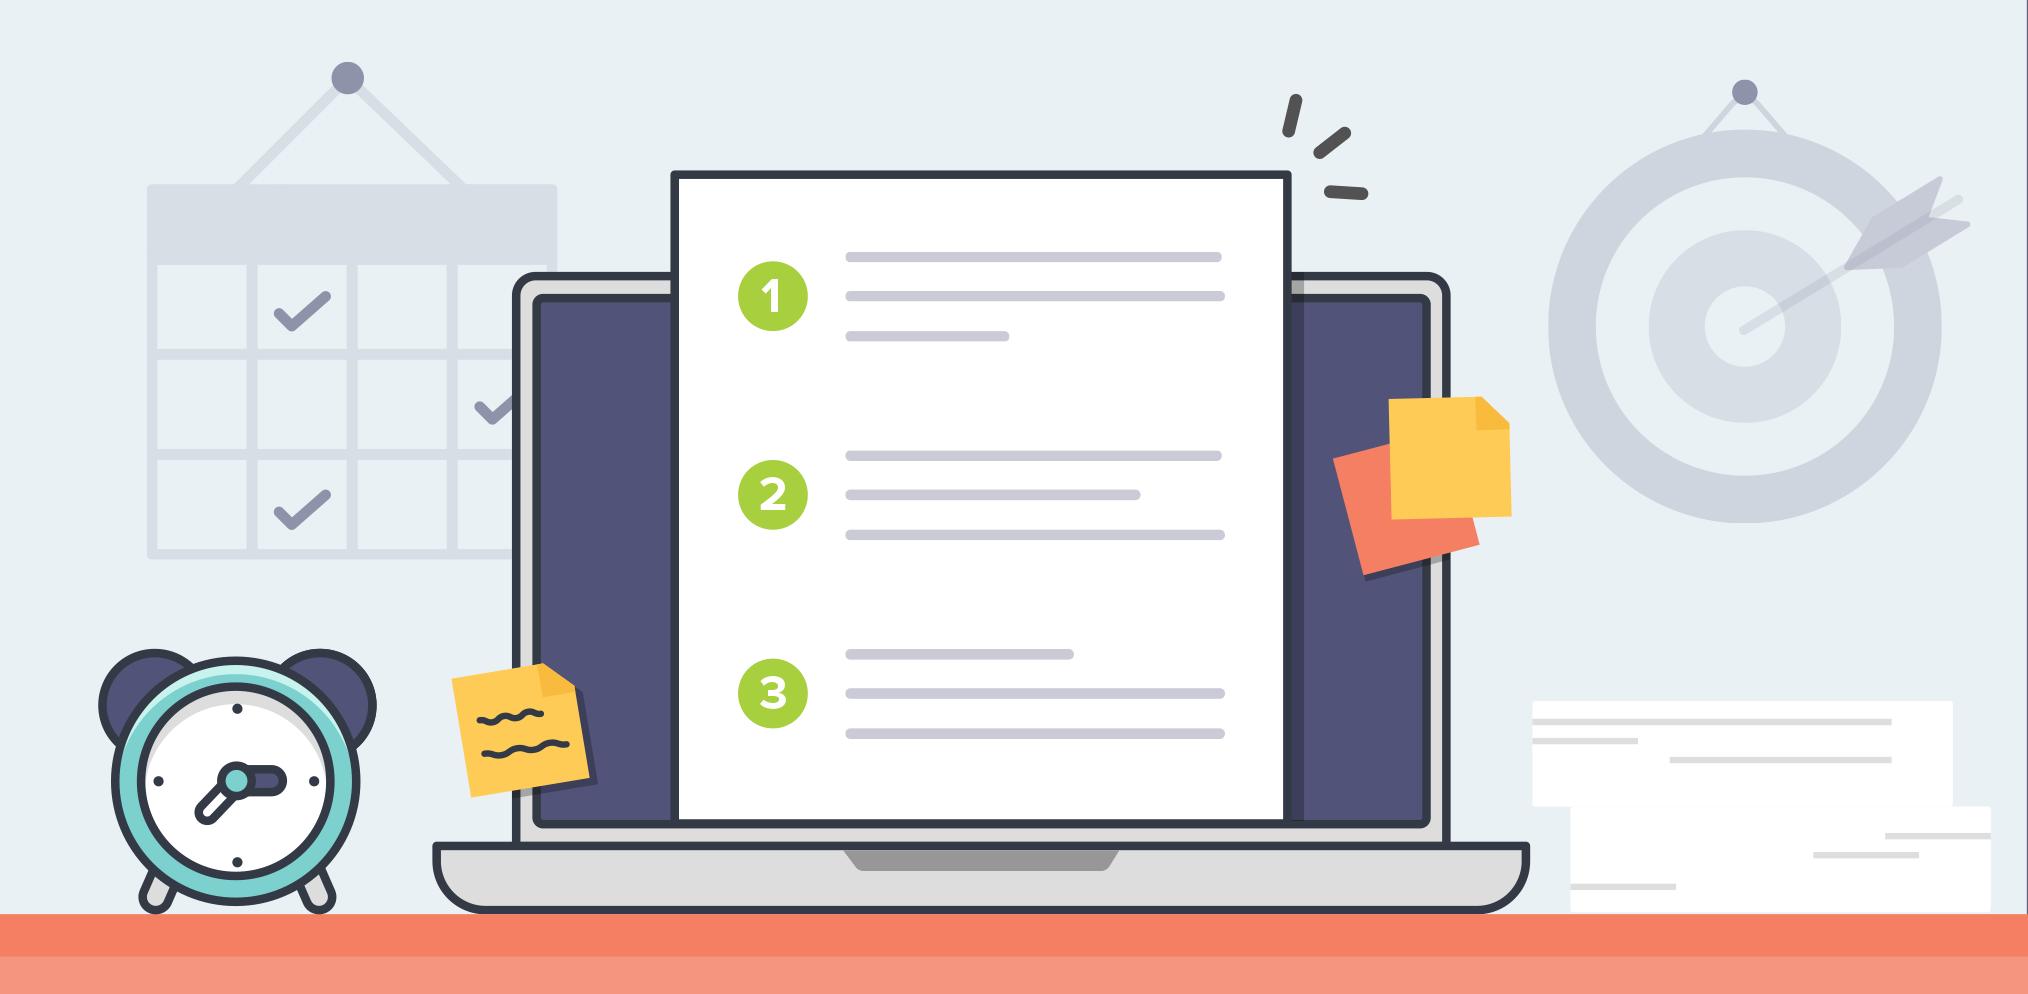 5 راه ساده برای انتشار یک پست با شروع کوبنده